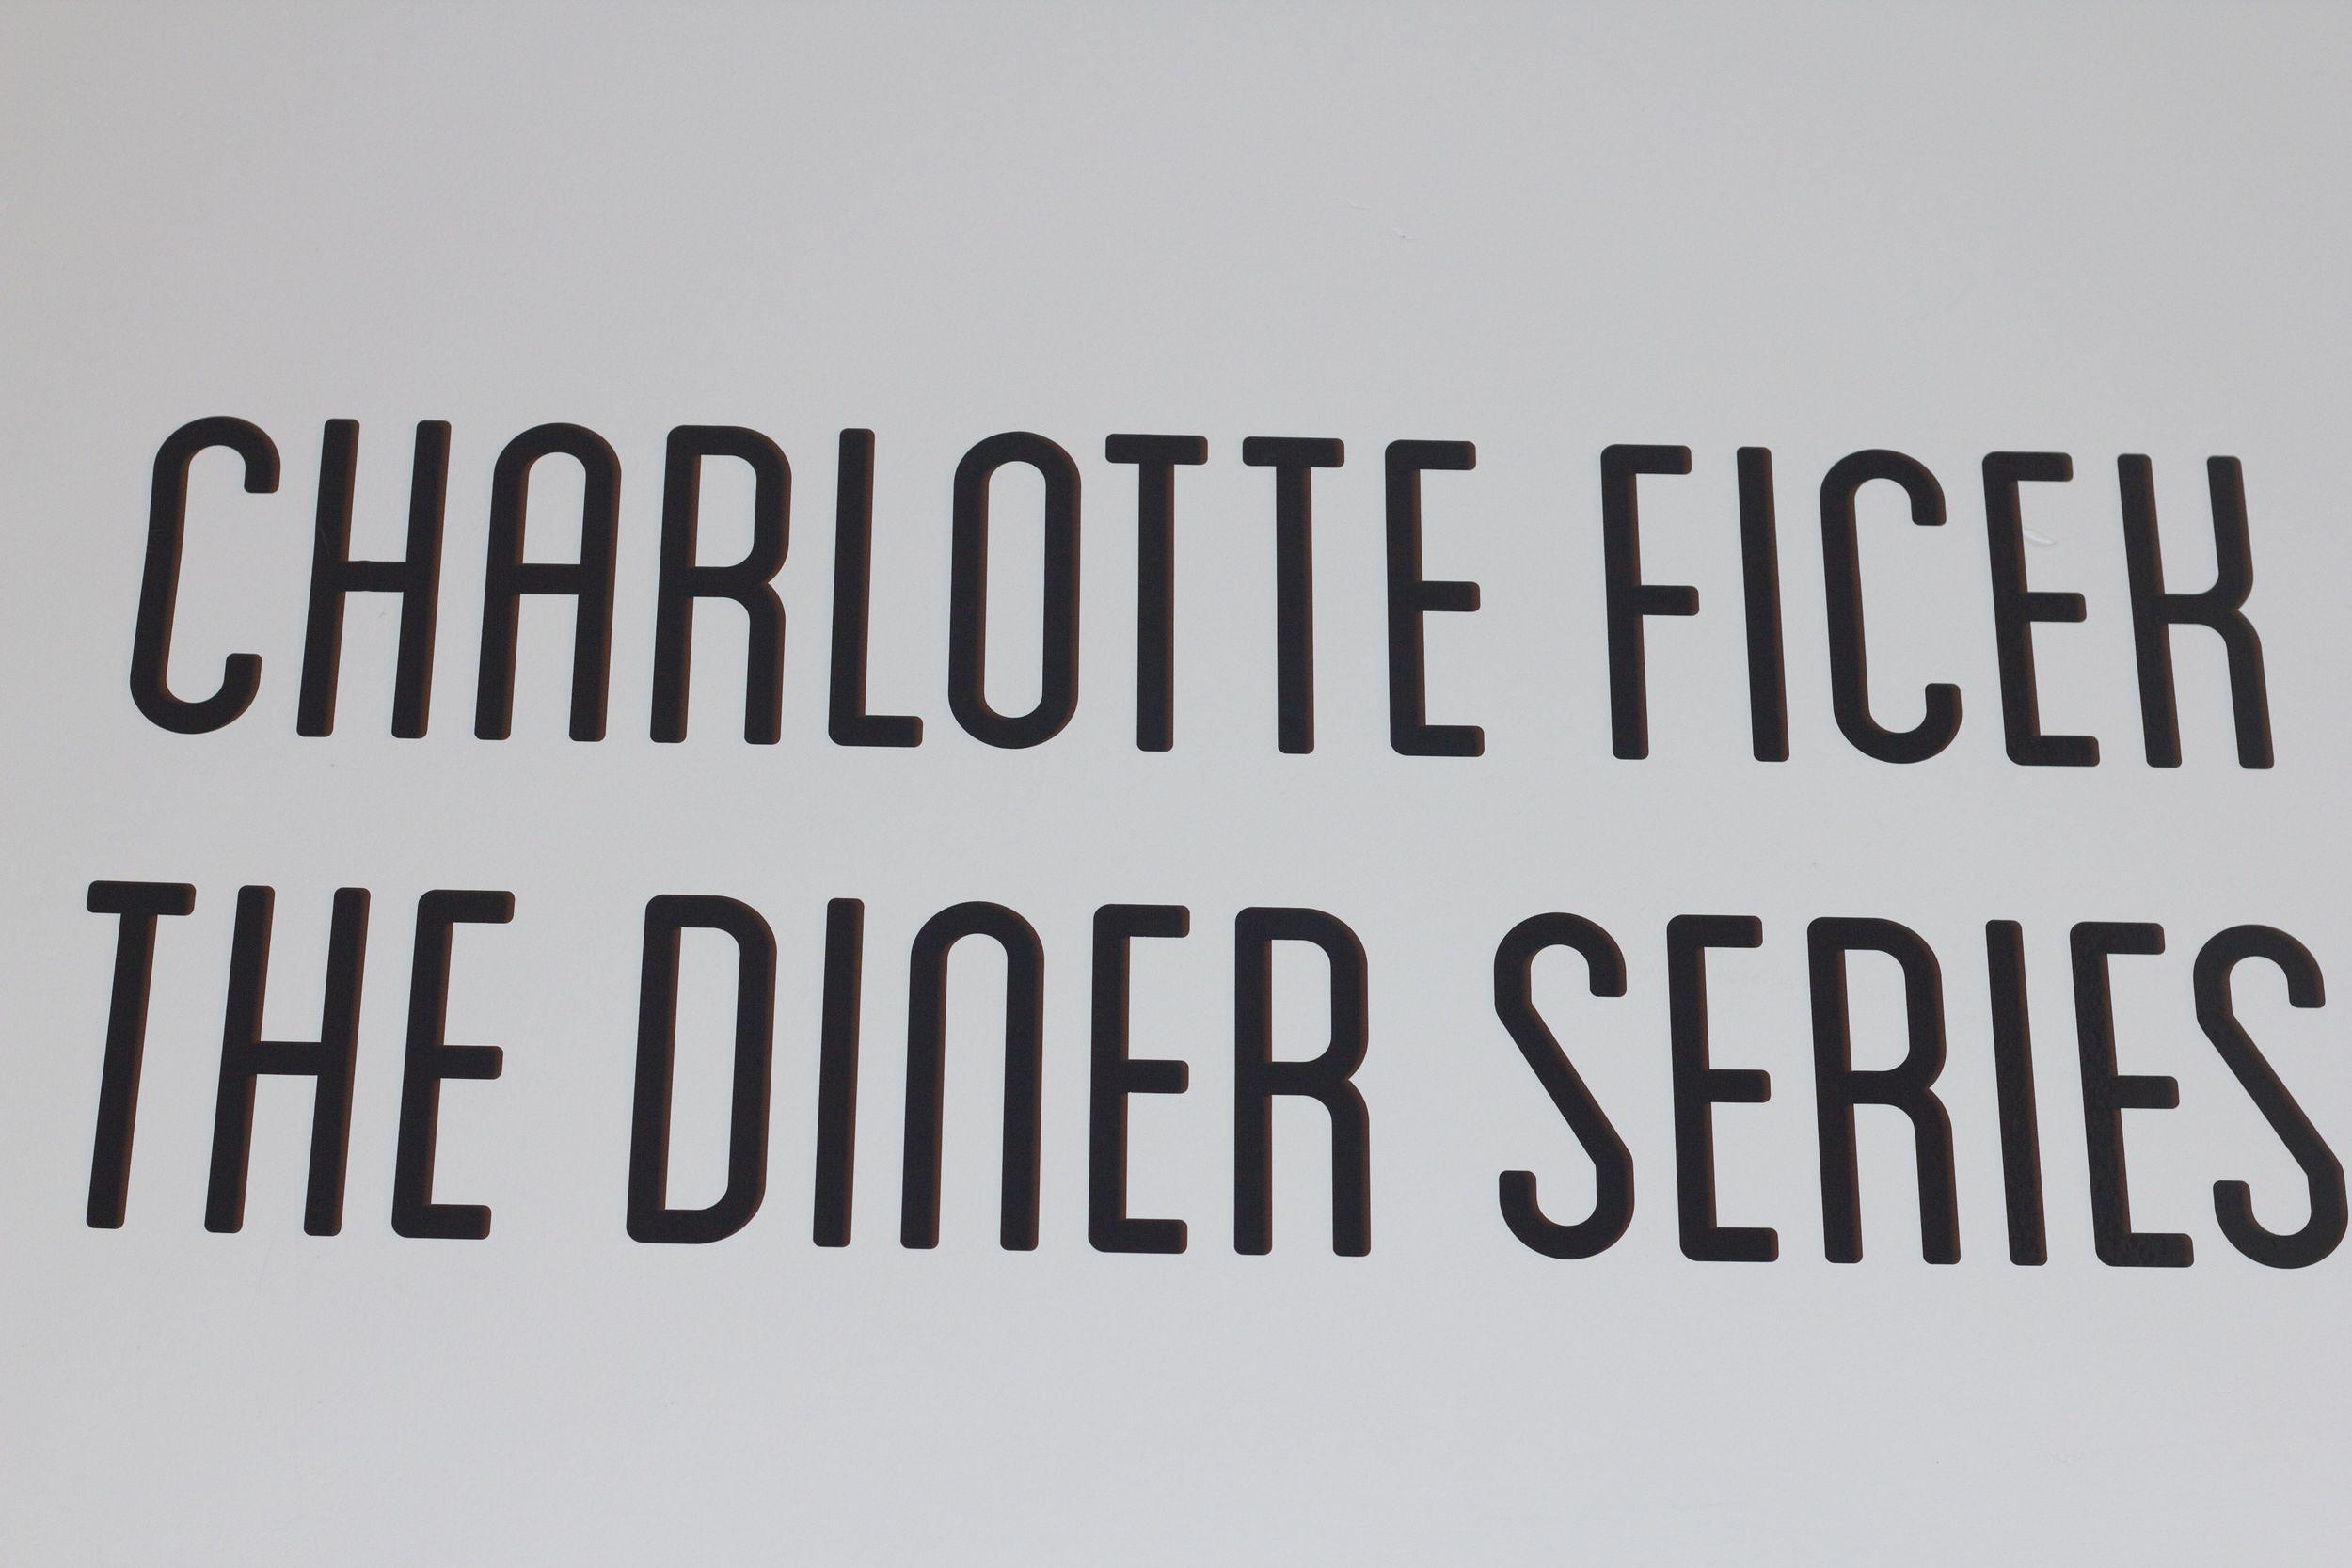 Charlote Ficek - diner series